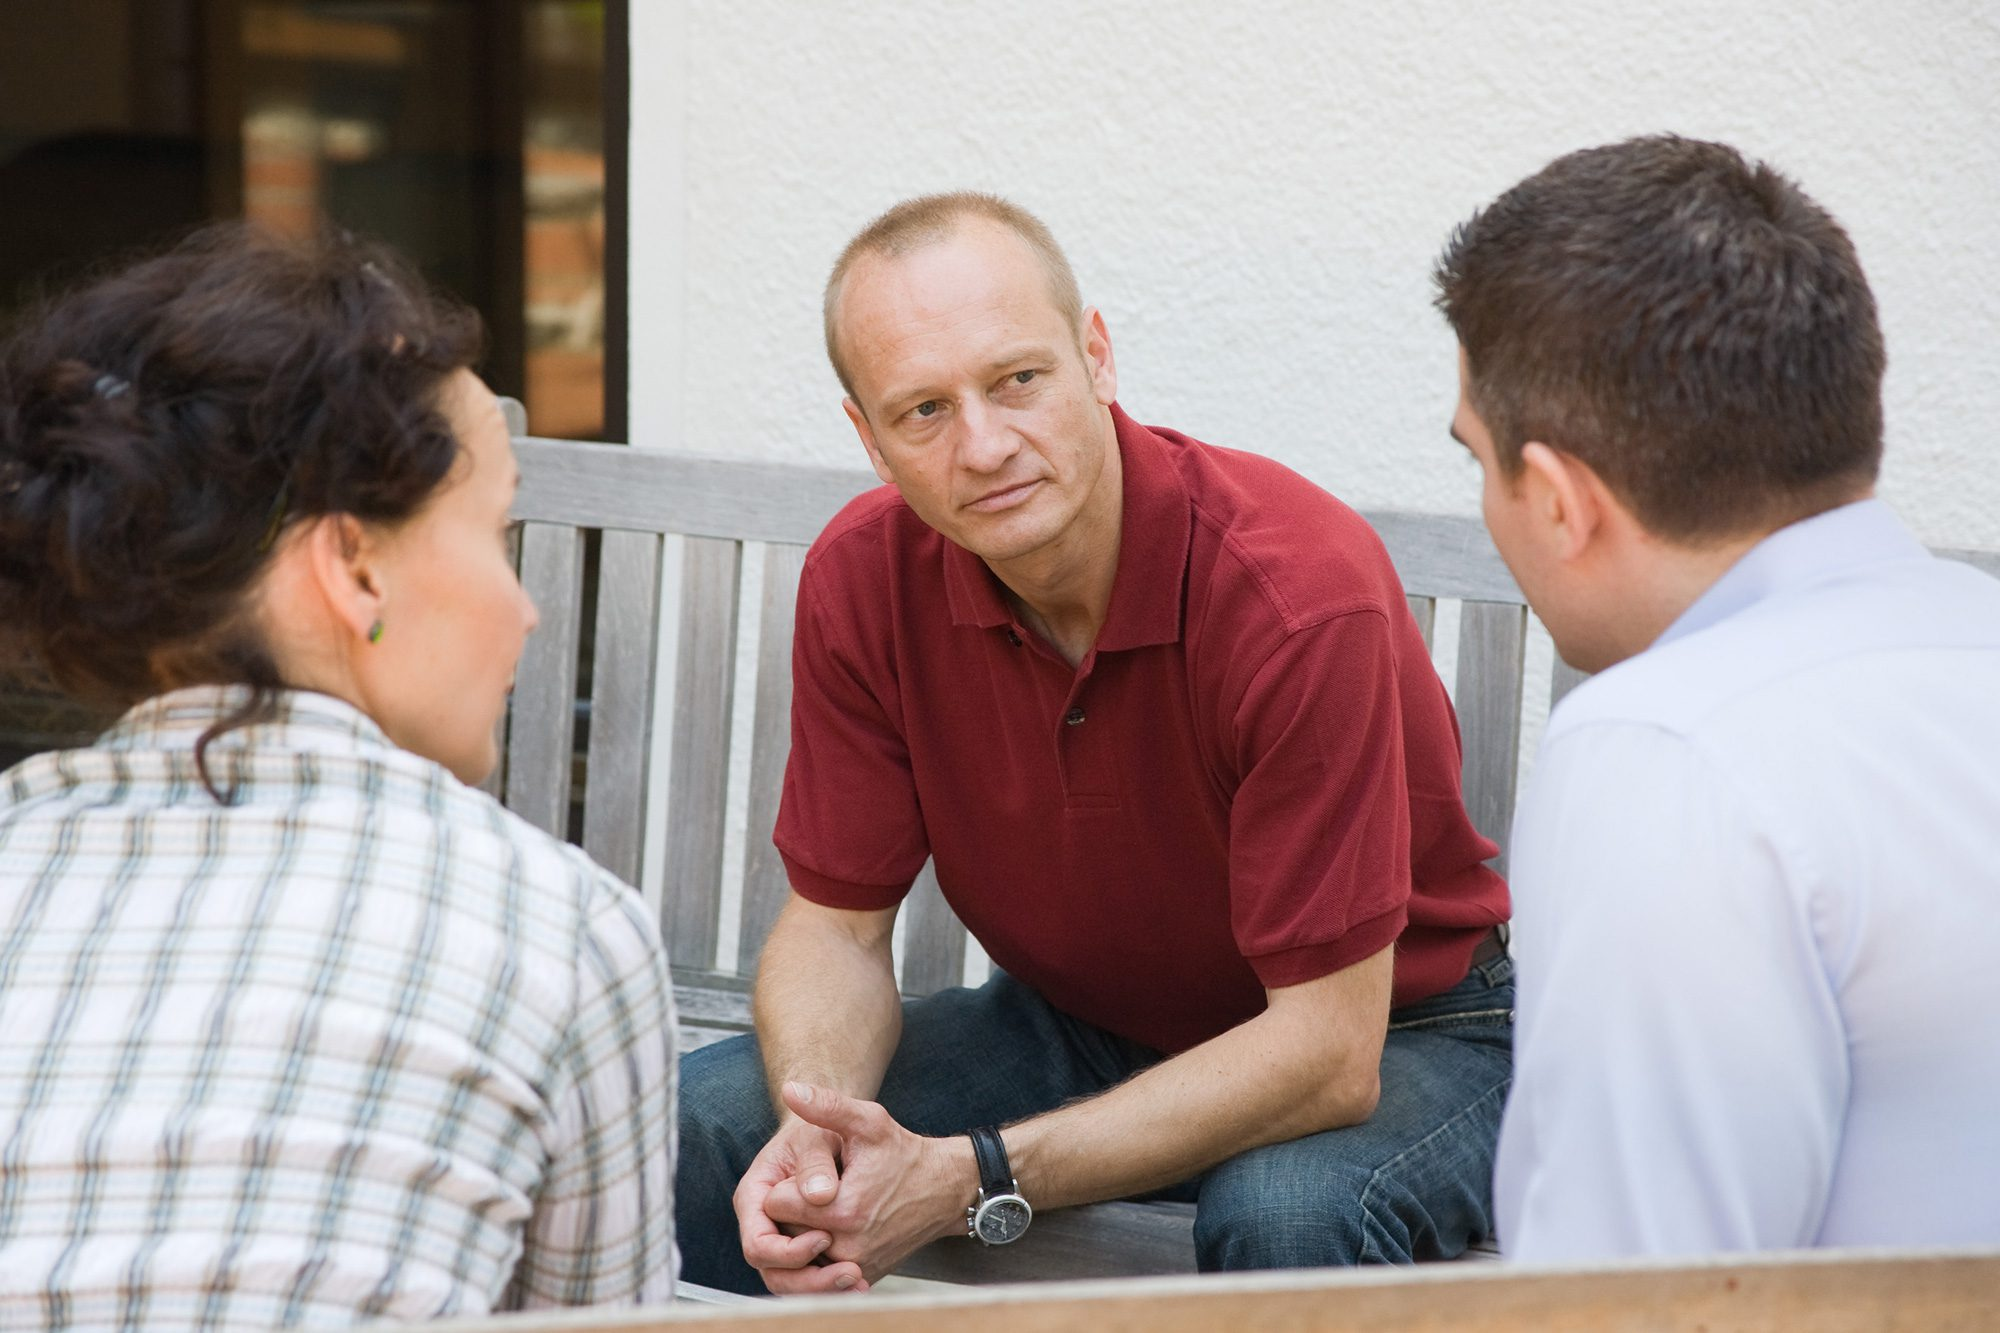 Drei Personen sitzen sich gegenüber und unterhalten sich